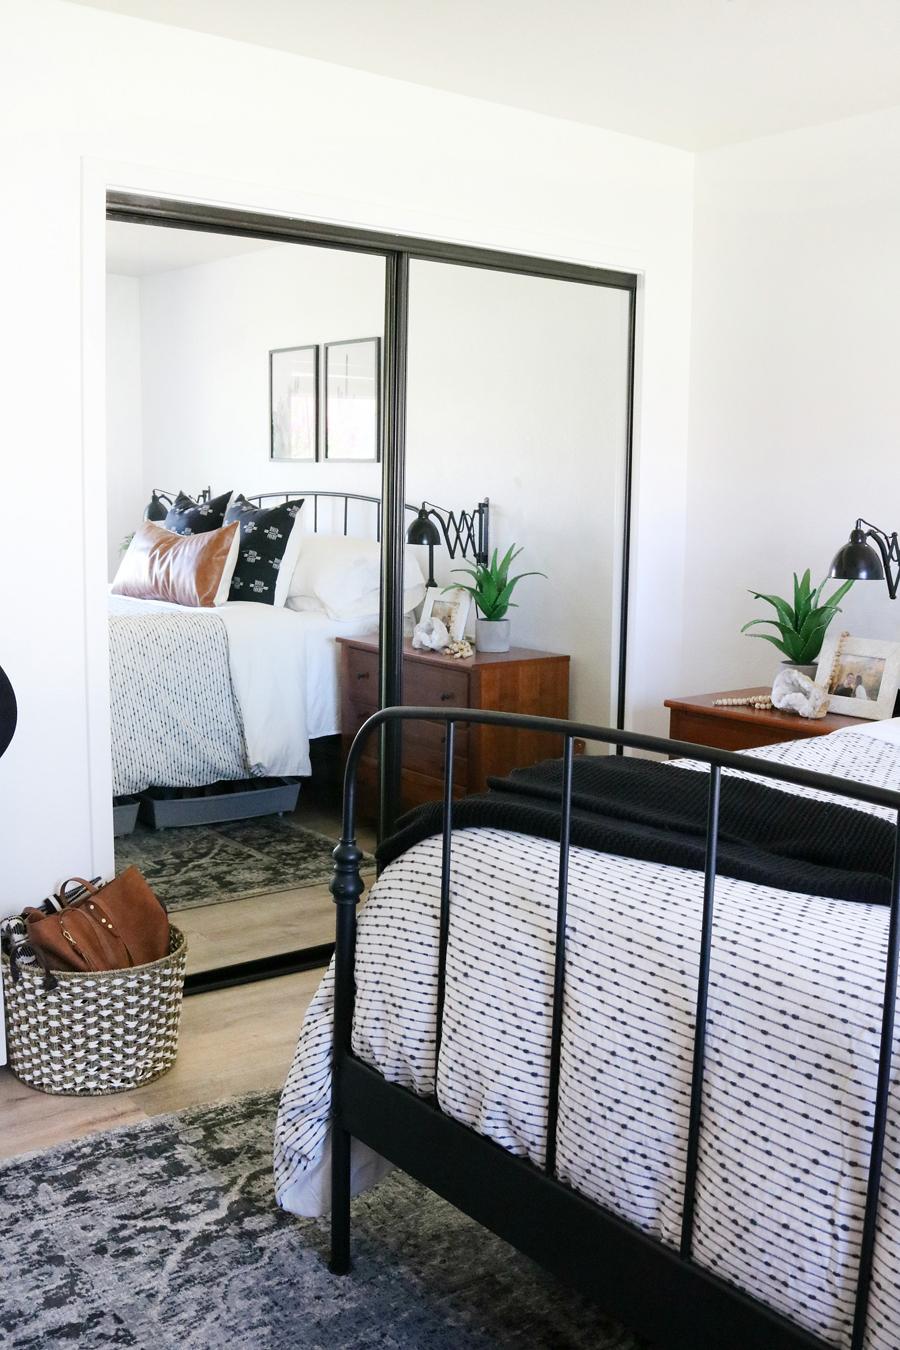 Easy Closet Organization Ideas for a Small Closet